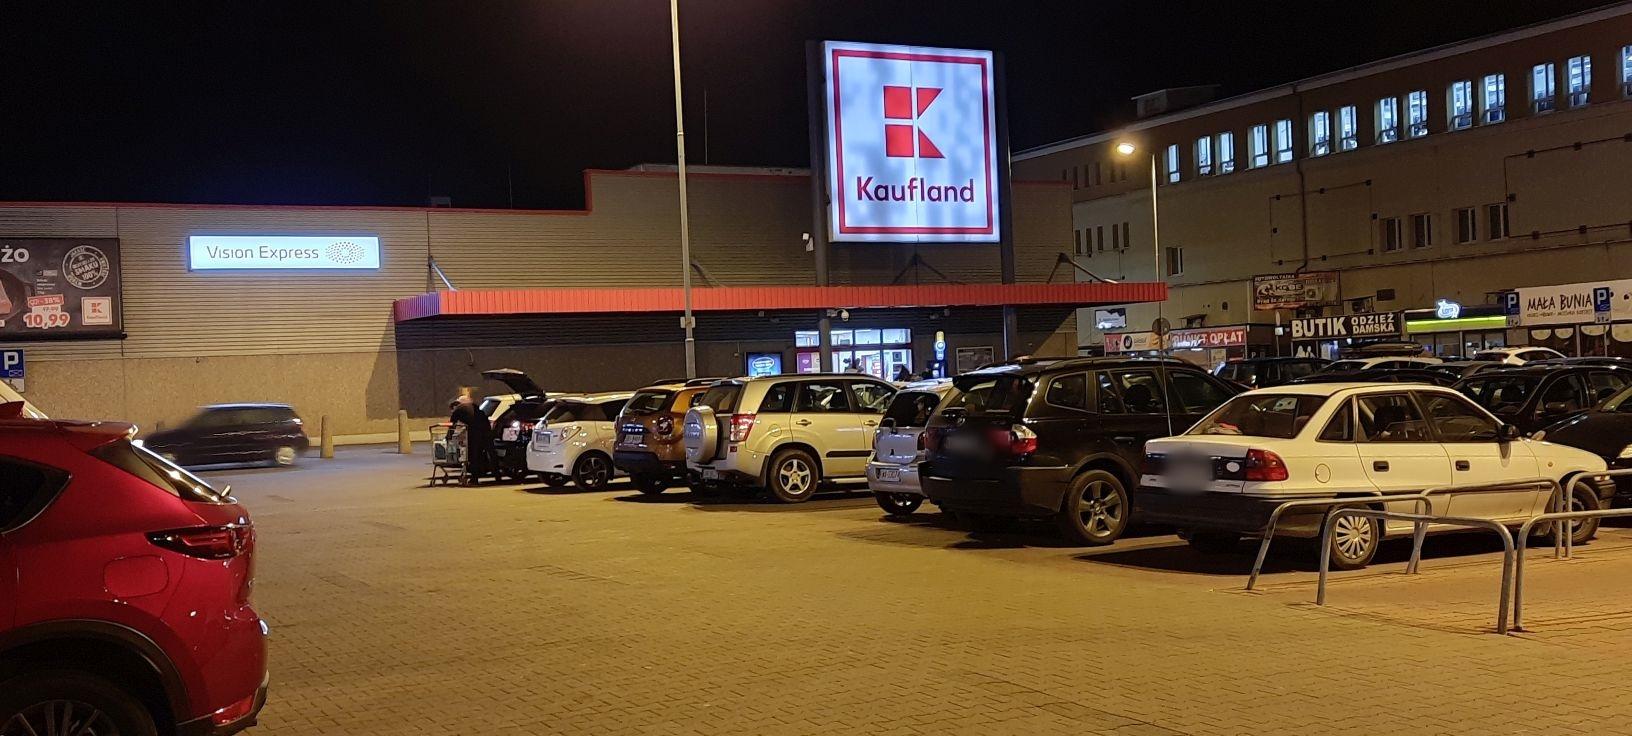 Incydent w Kauflandzie w Andrychowie. Klient posądzony o kradzież, której nie było